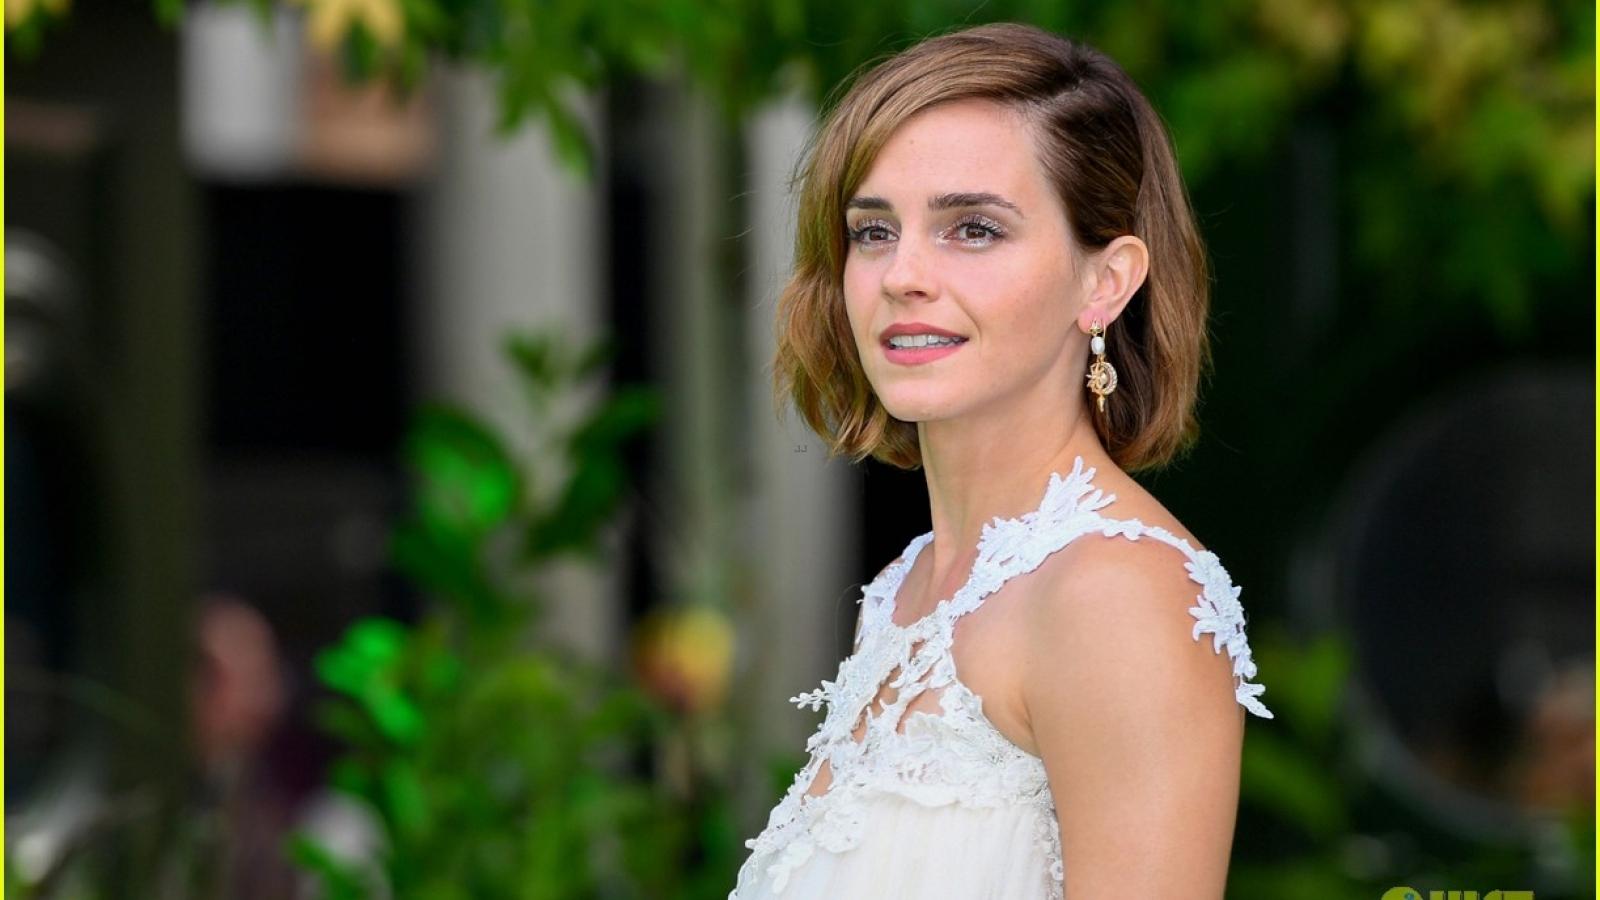 Emma Watson phối đồ sang chảnh, khoe lưng trần quyến rũ trên thảm xanh sự kiện